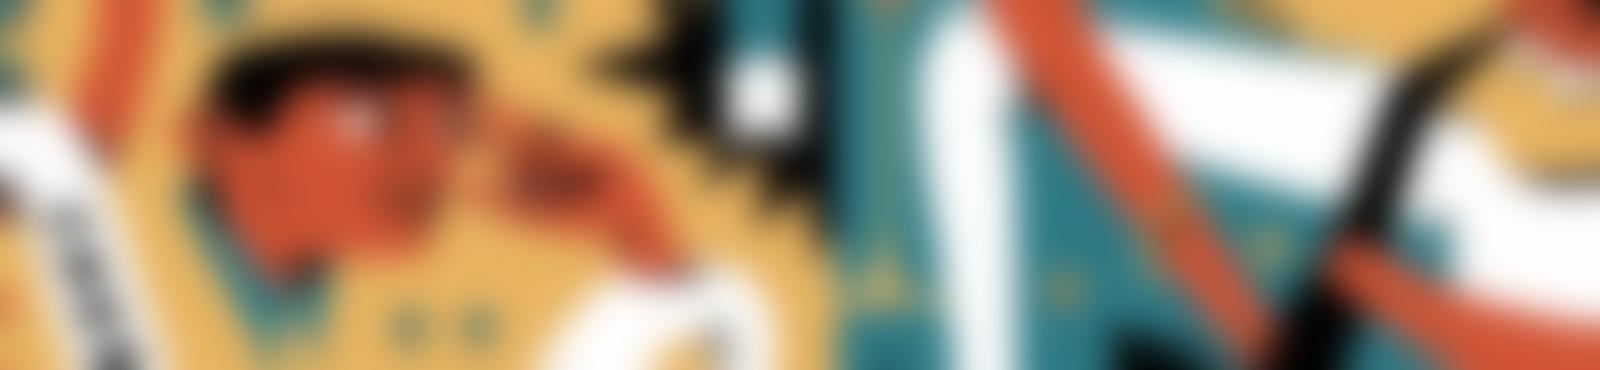 Blurred 26ecc1aa 83fc 4d78 821f 4abe051cb412